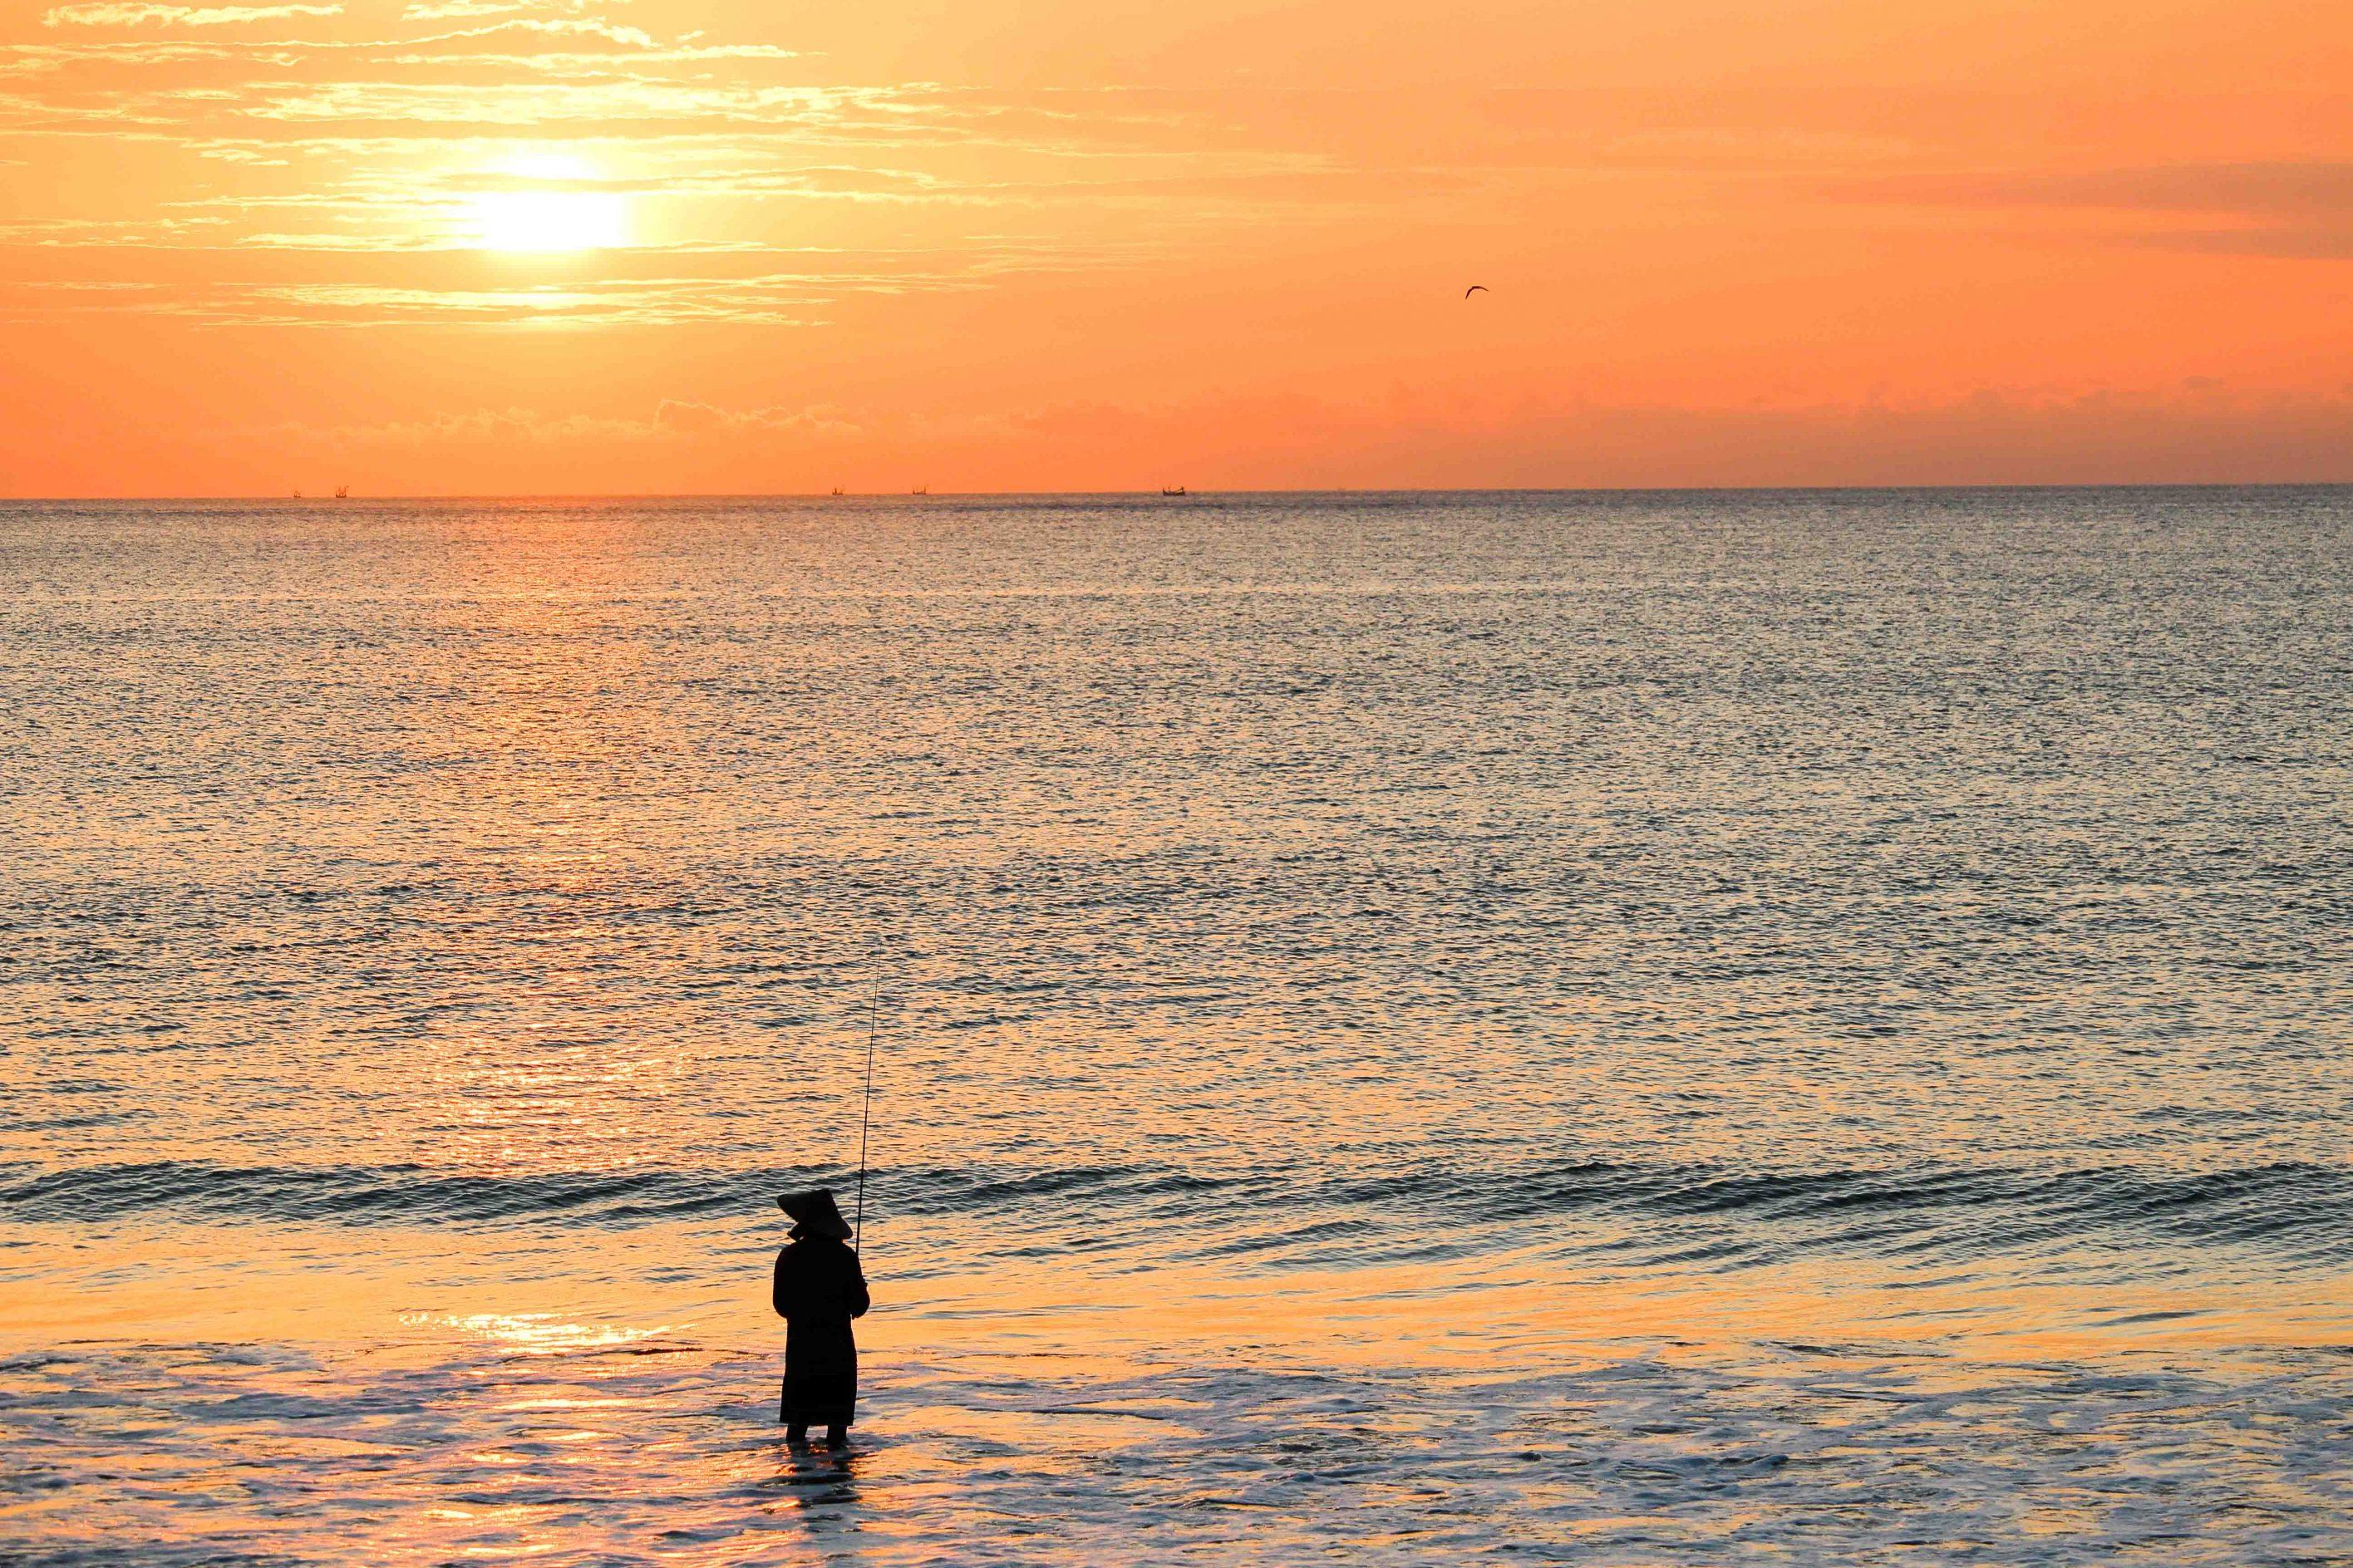 Reisepläne 2018 Travel Bucket List Ziele für 2018 Bali Indonesien Sonnenuntergang Angler sundown